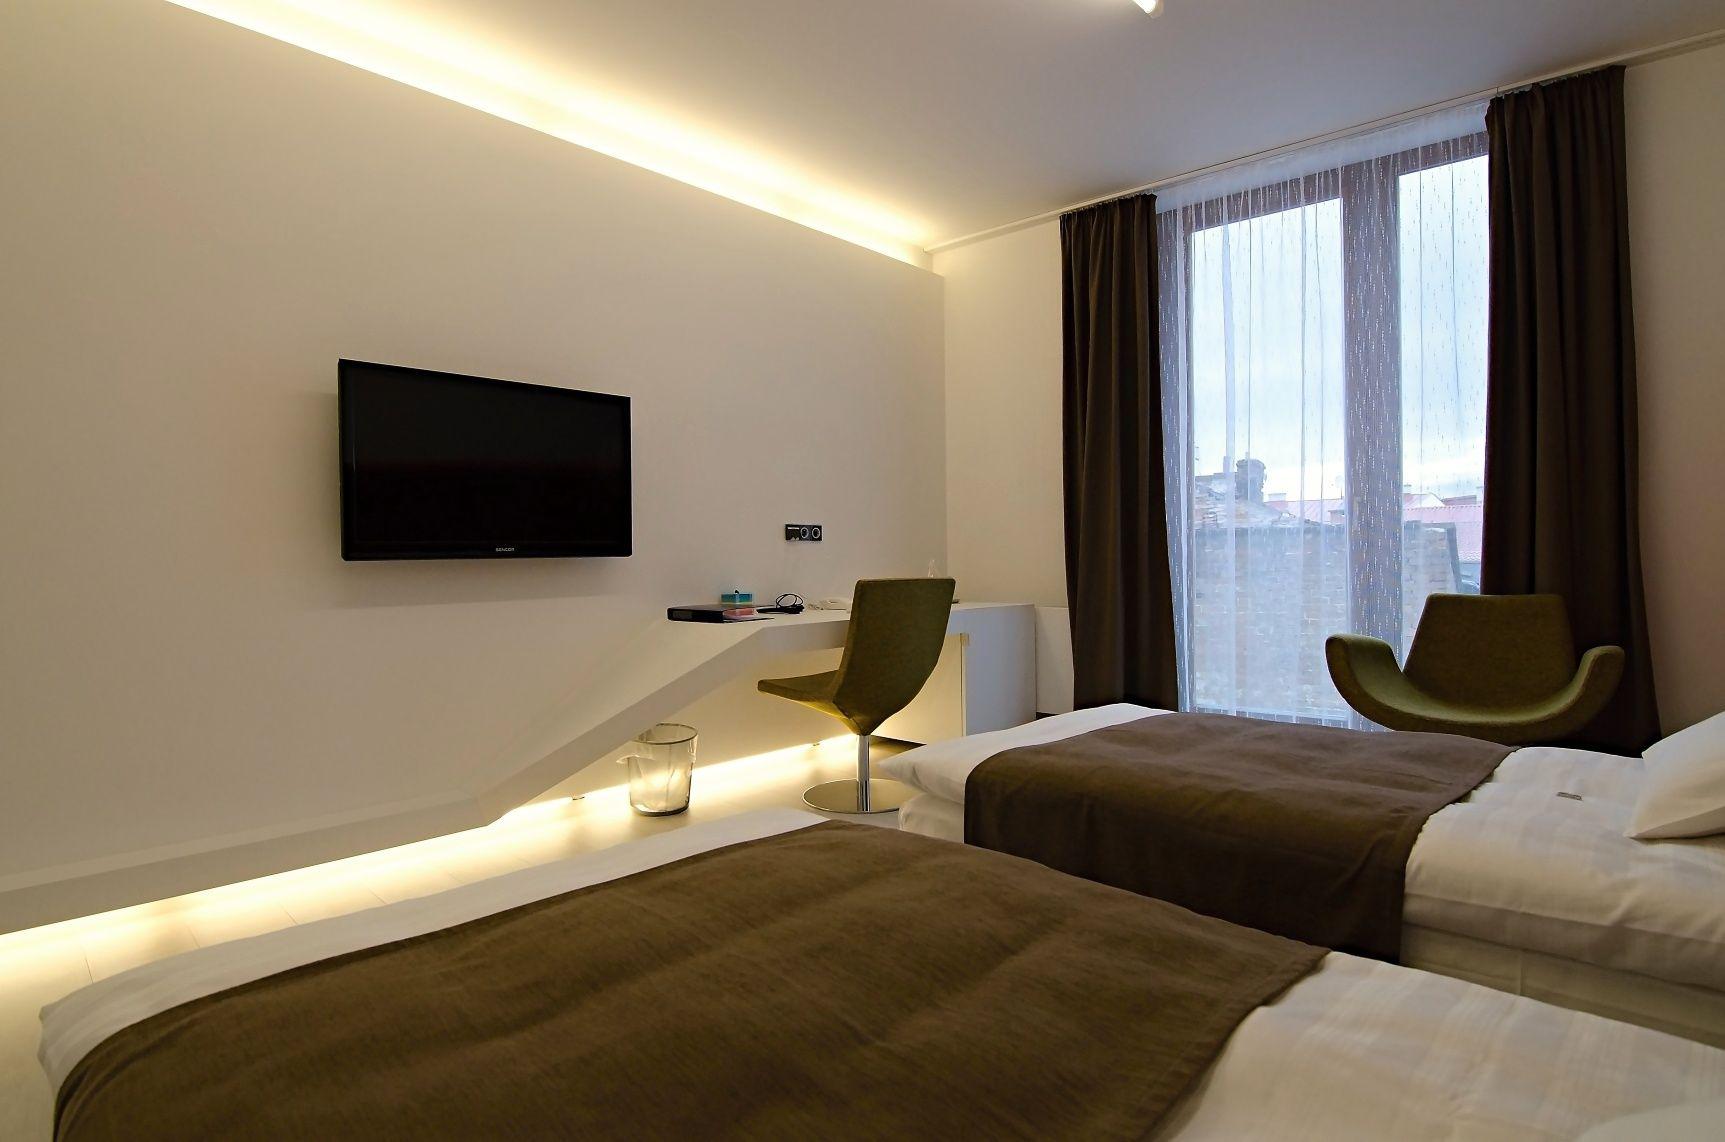 Luxus Schlafzimmer Ideen Moderne Schlafzimmer Am Besten ...